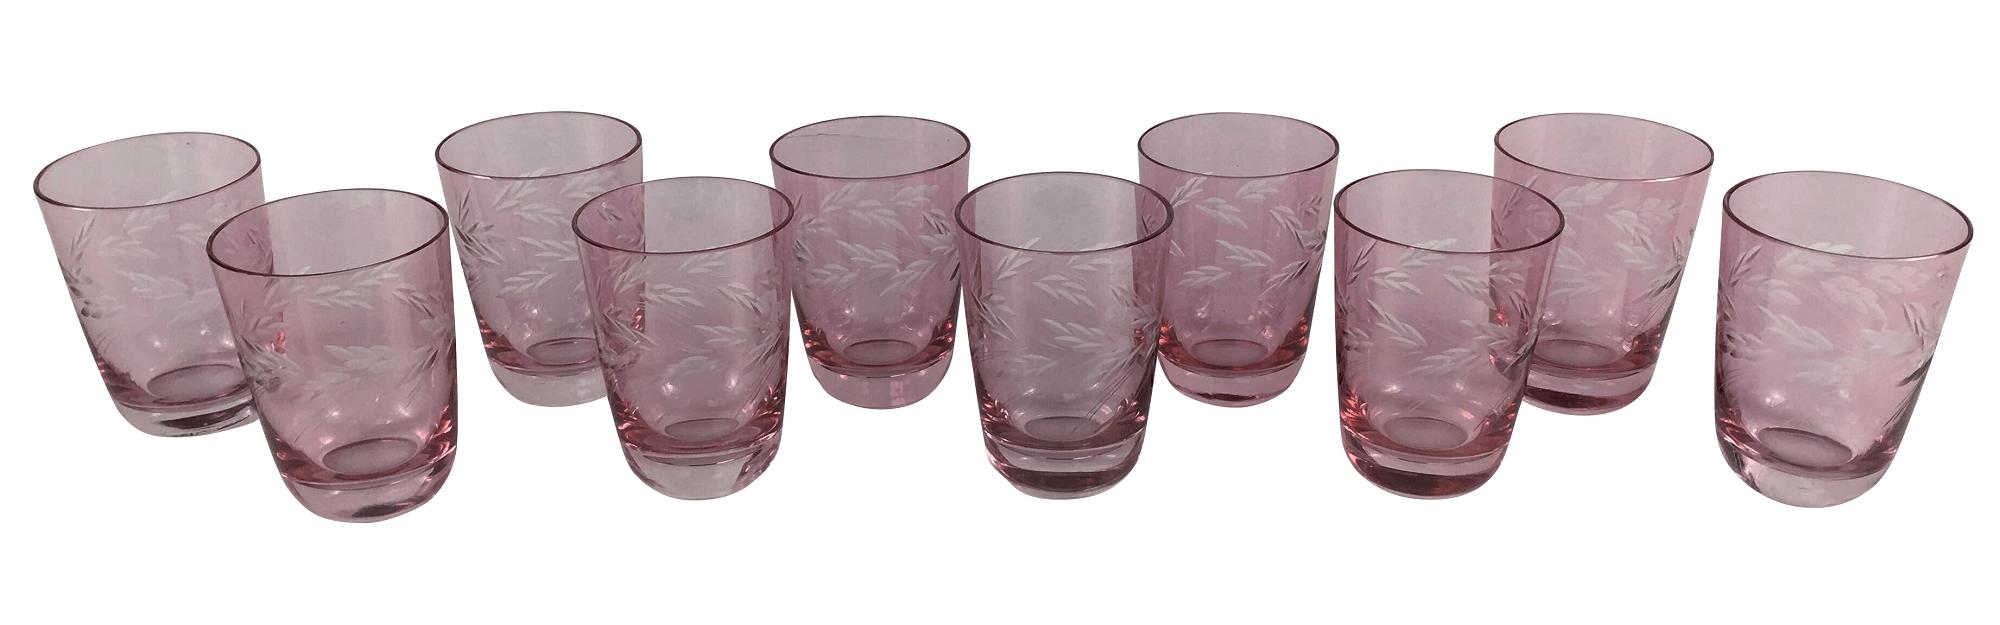 Conjunto De 10 Copos Antigos Em Cristal Rosa Lapidado